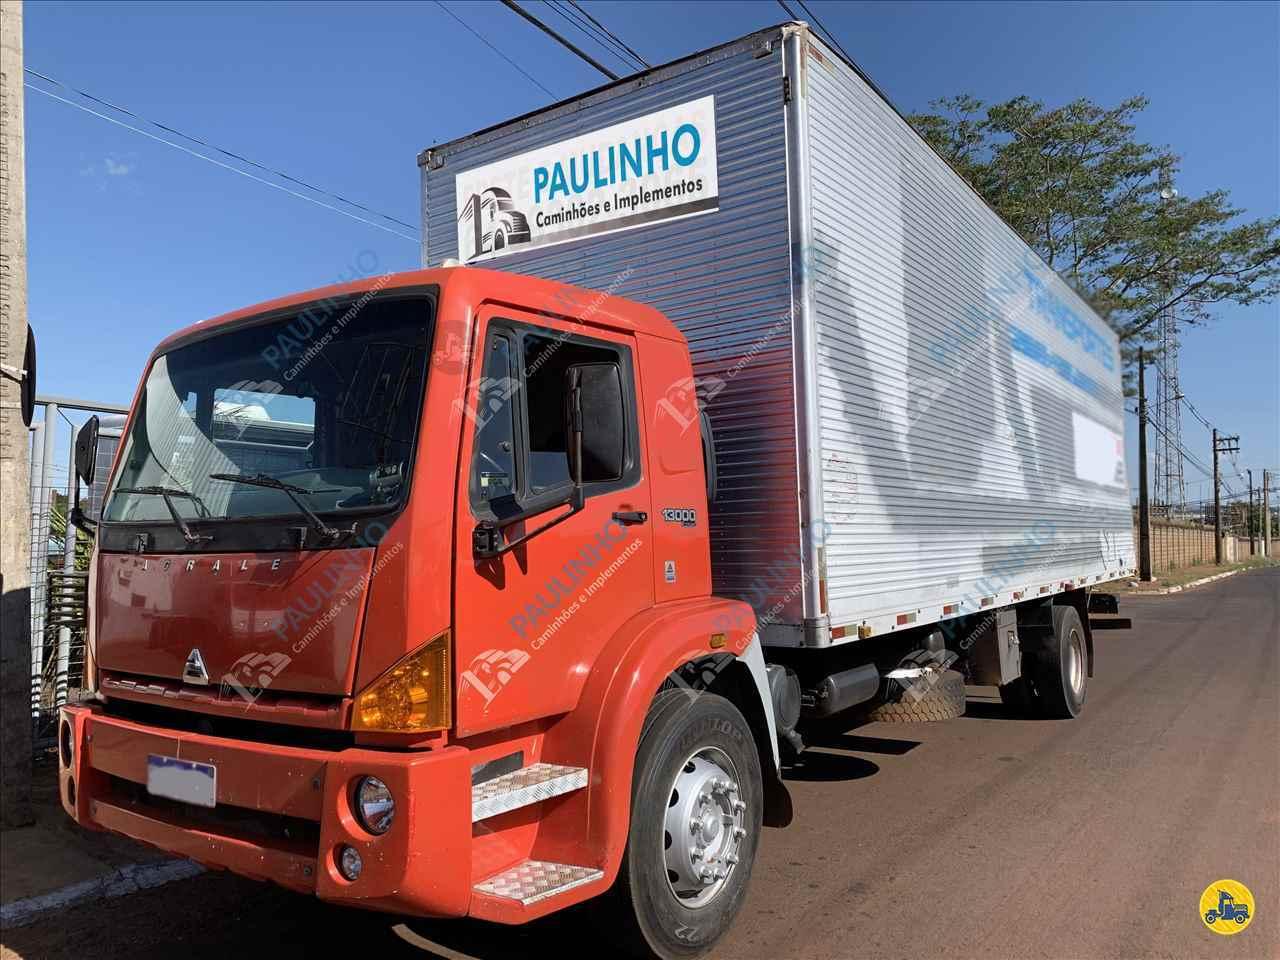 CAMINHAO AGRALE AGRALE 13000 Baú Furgão Toco 4x2 Paulinho Caminhões RIO VERDE GOIAS GO